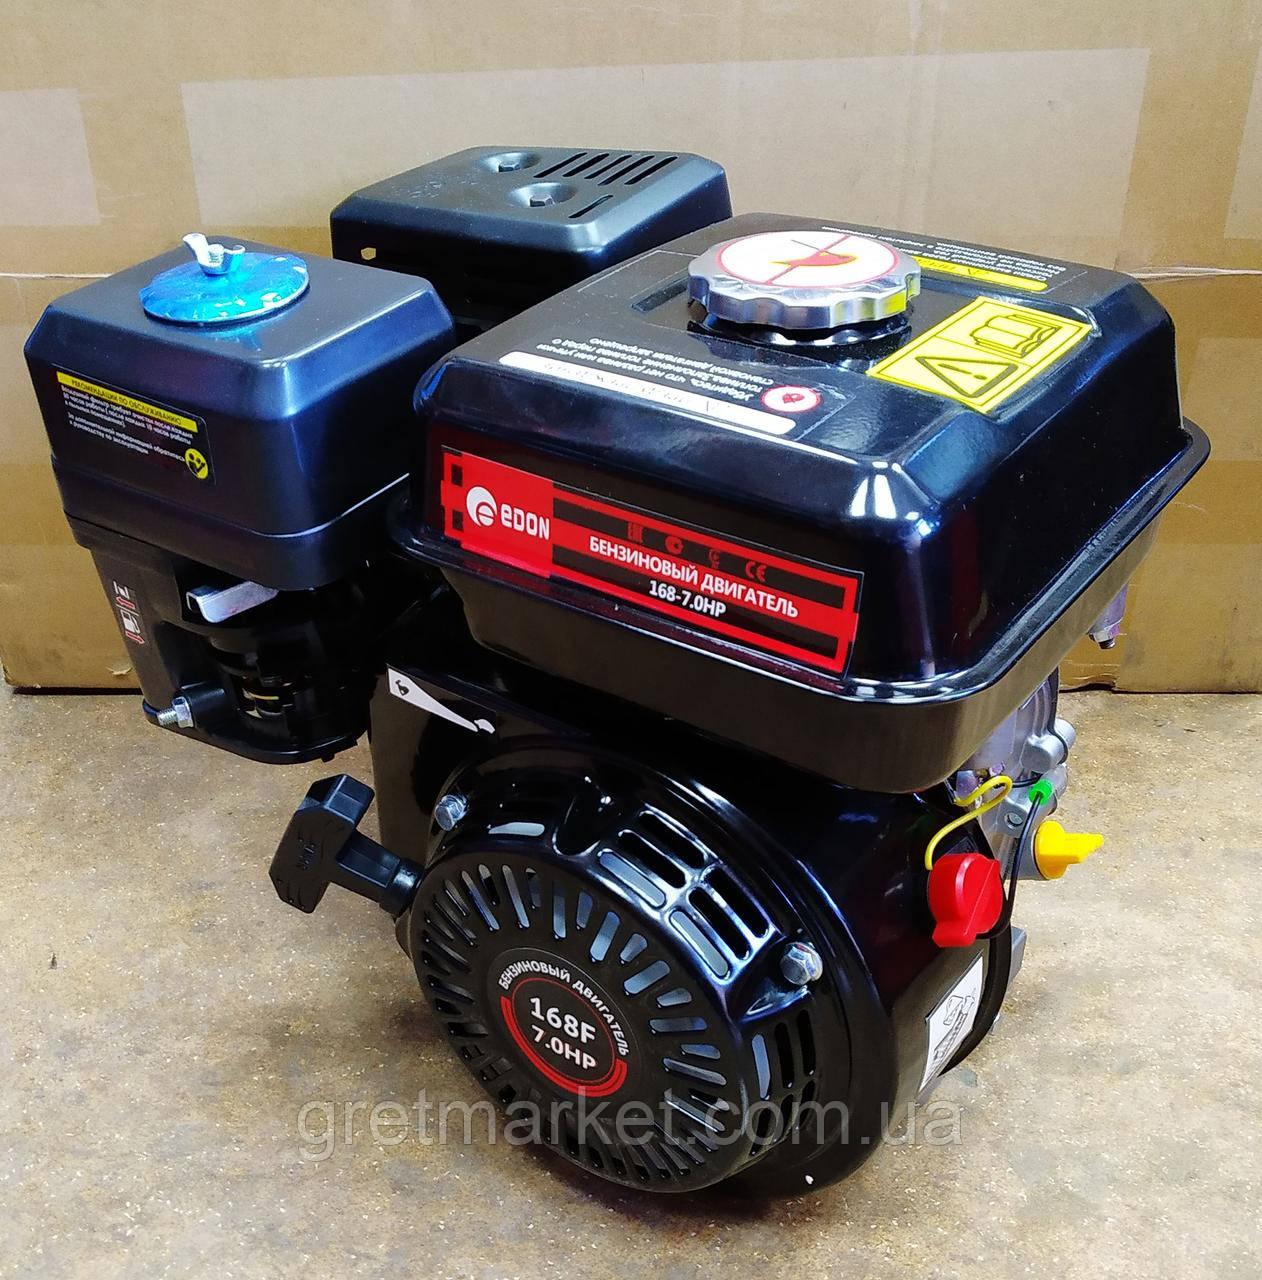 Двигатель бензиновый Edon 168-7,0HP